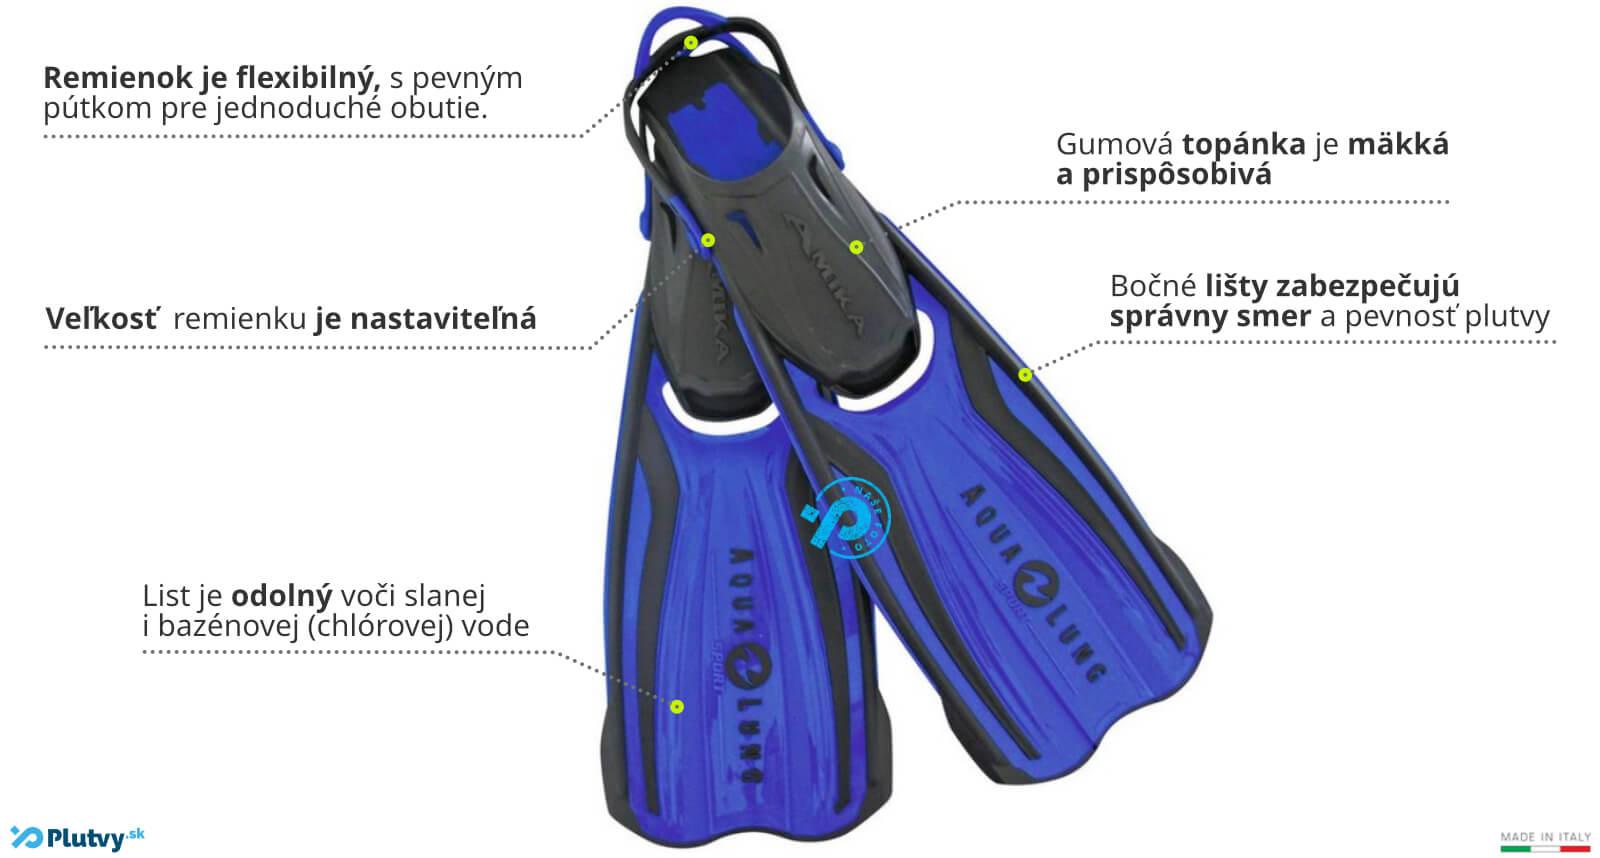 remienkové plutvy pre deti, Aqualung Amika, v obchode Plutvy.sk